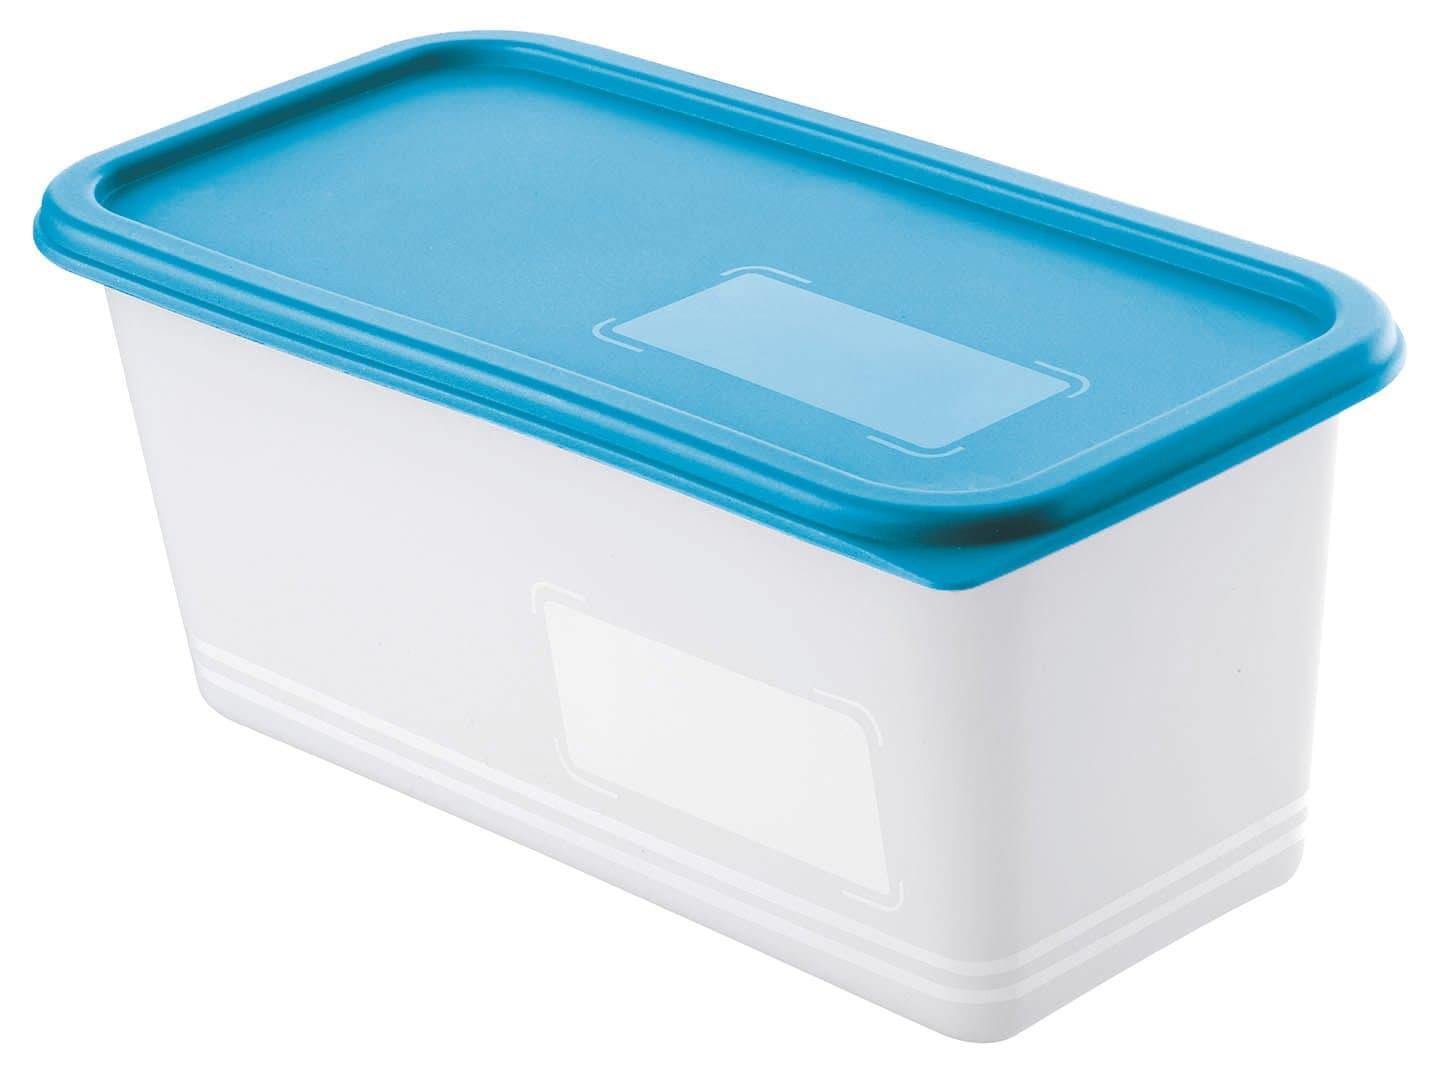 M-Topline COOL Boîte de congélation 1.5L